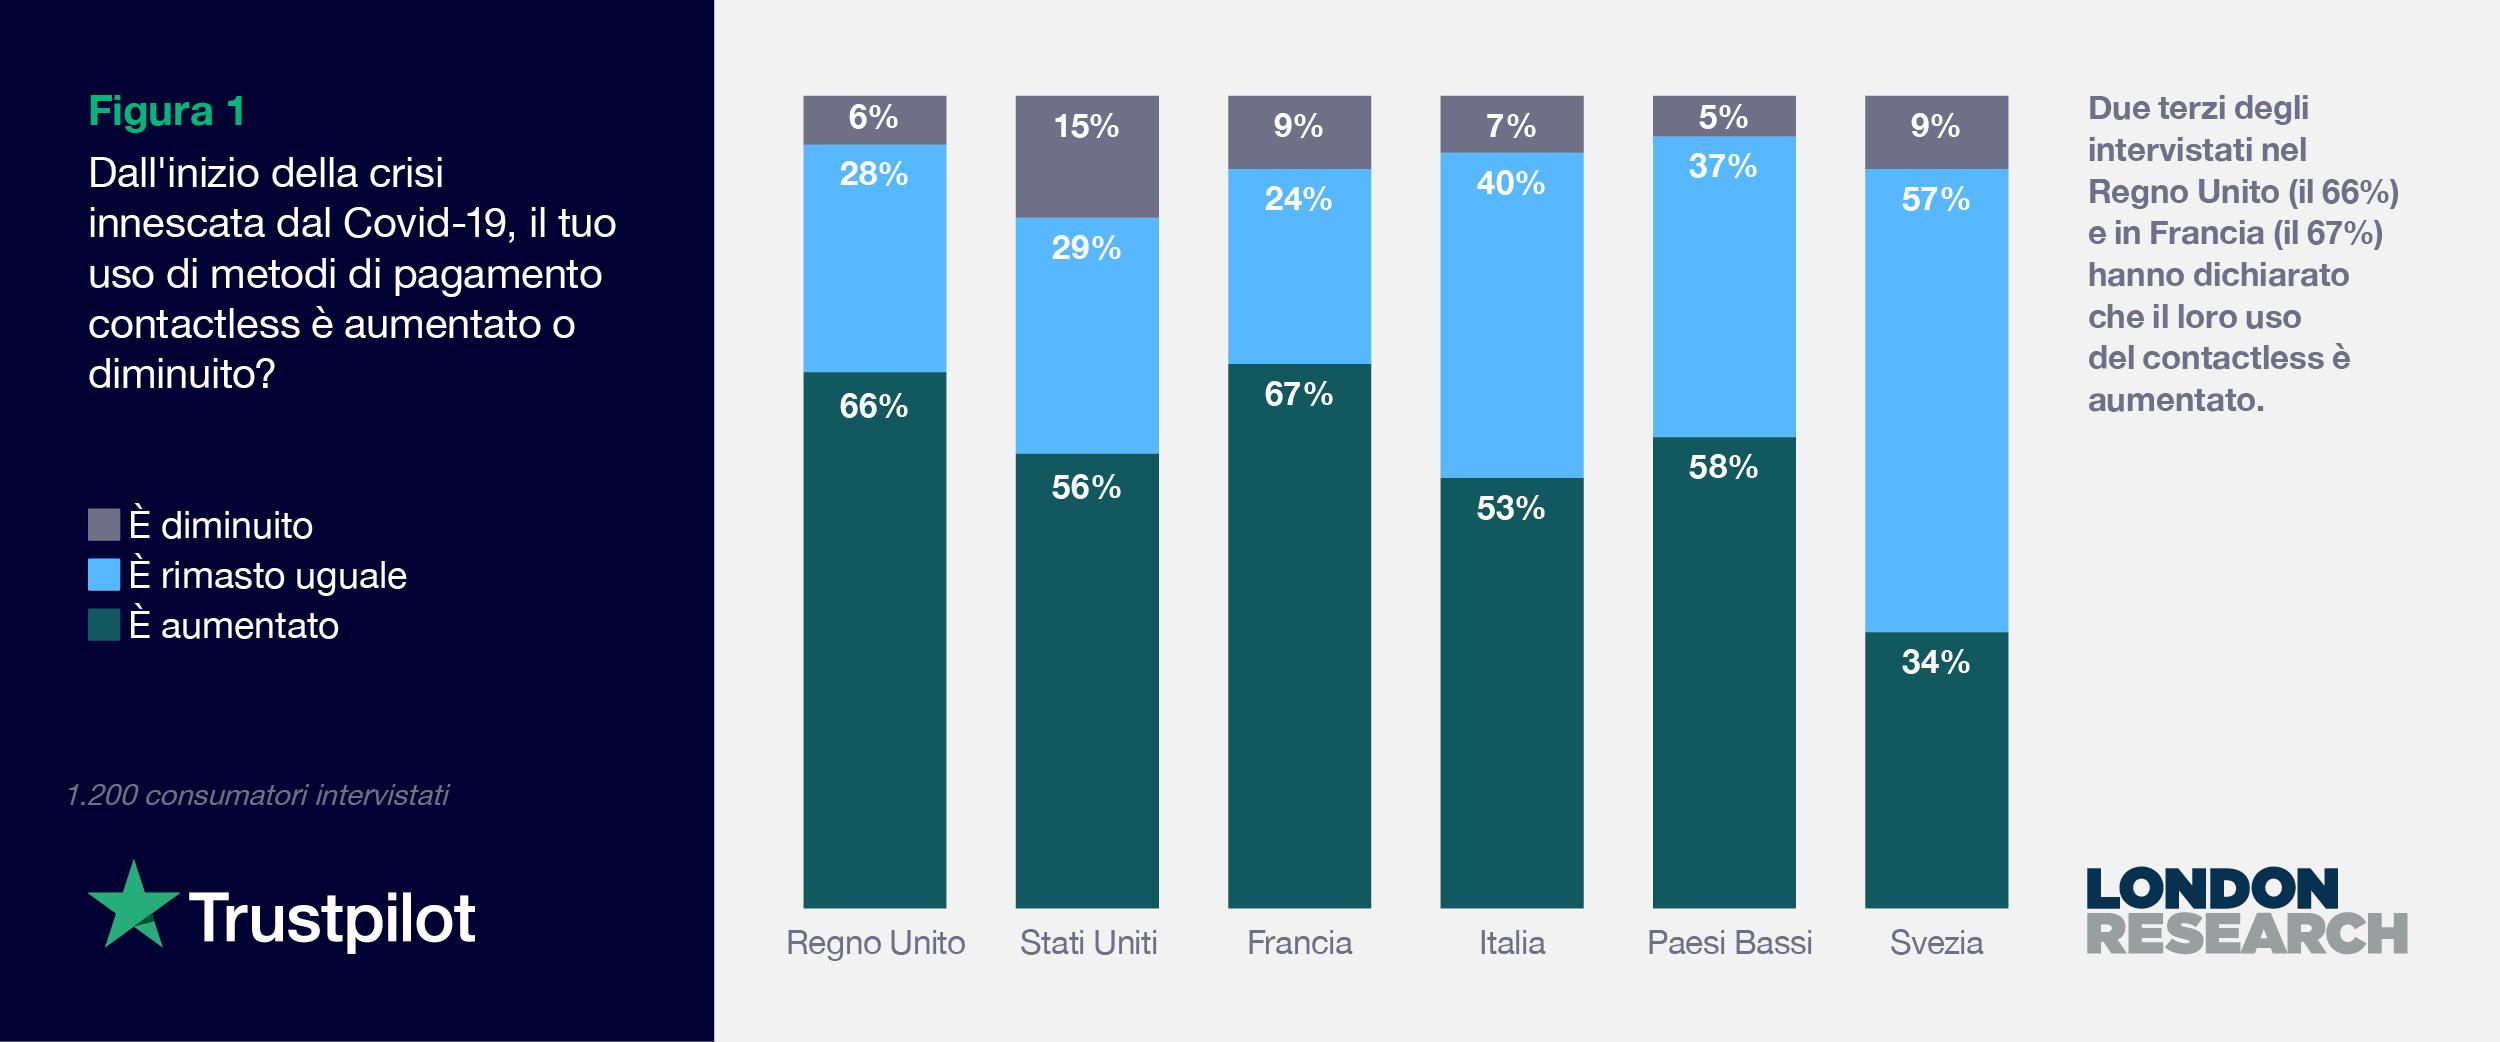 Figura 1 - Finance Report 2021